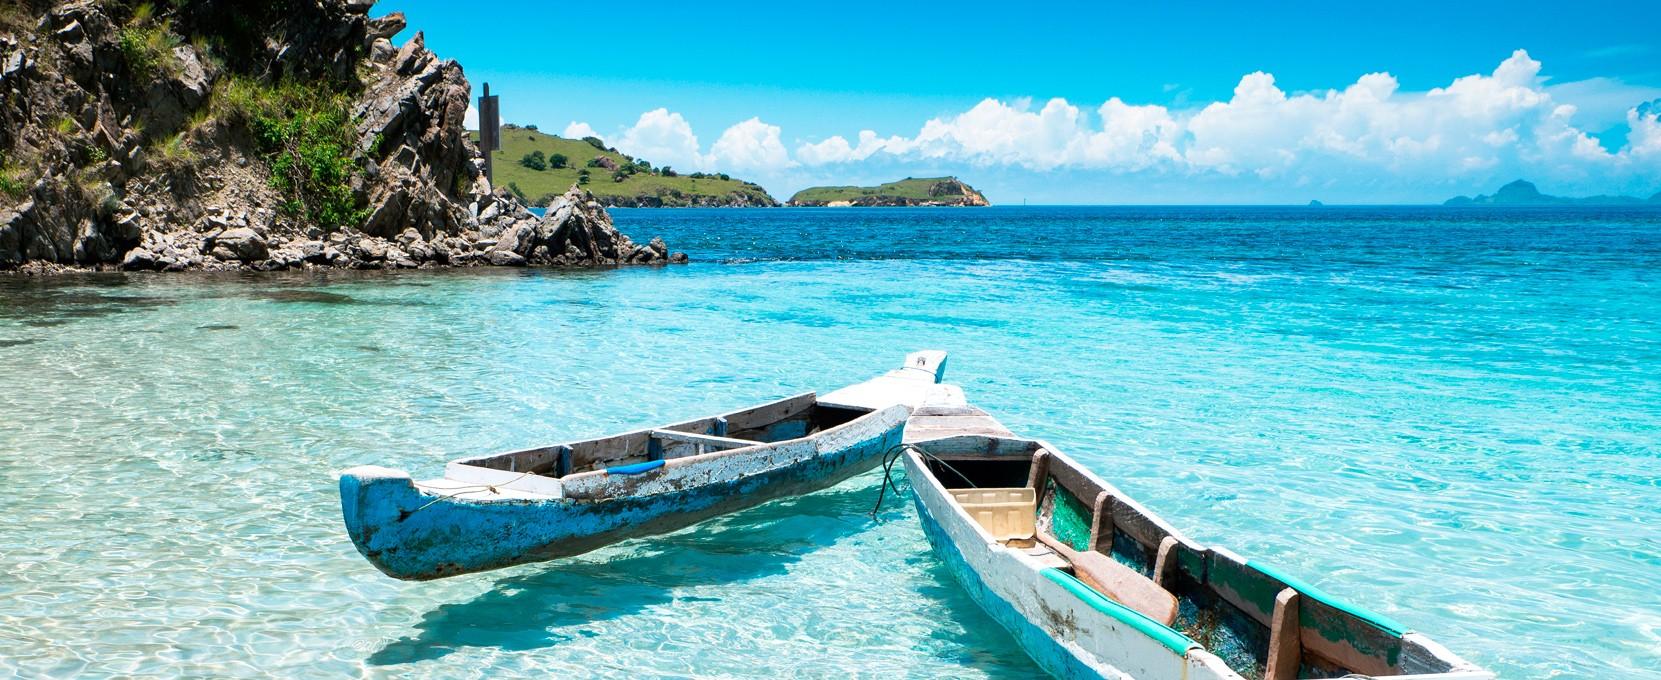 Varázslatos, mesebeli tájak - Íme a világ TOP 10 szigete